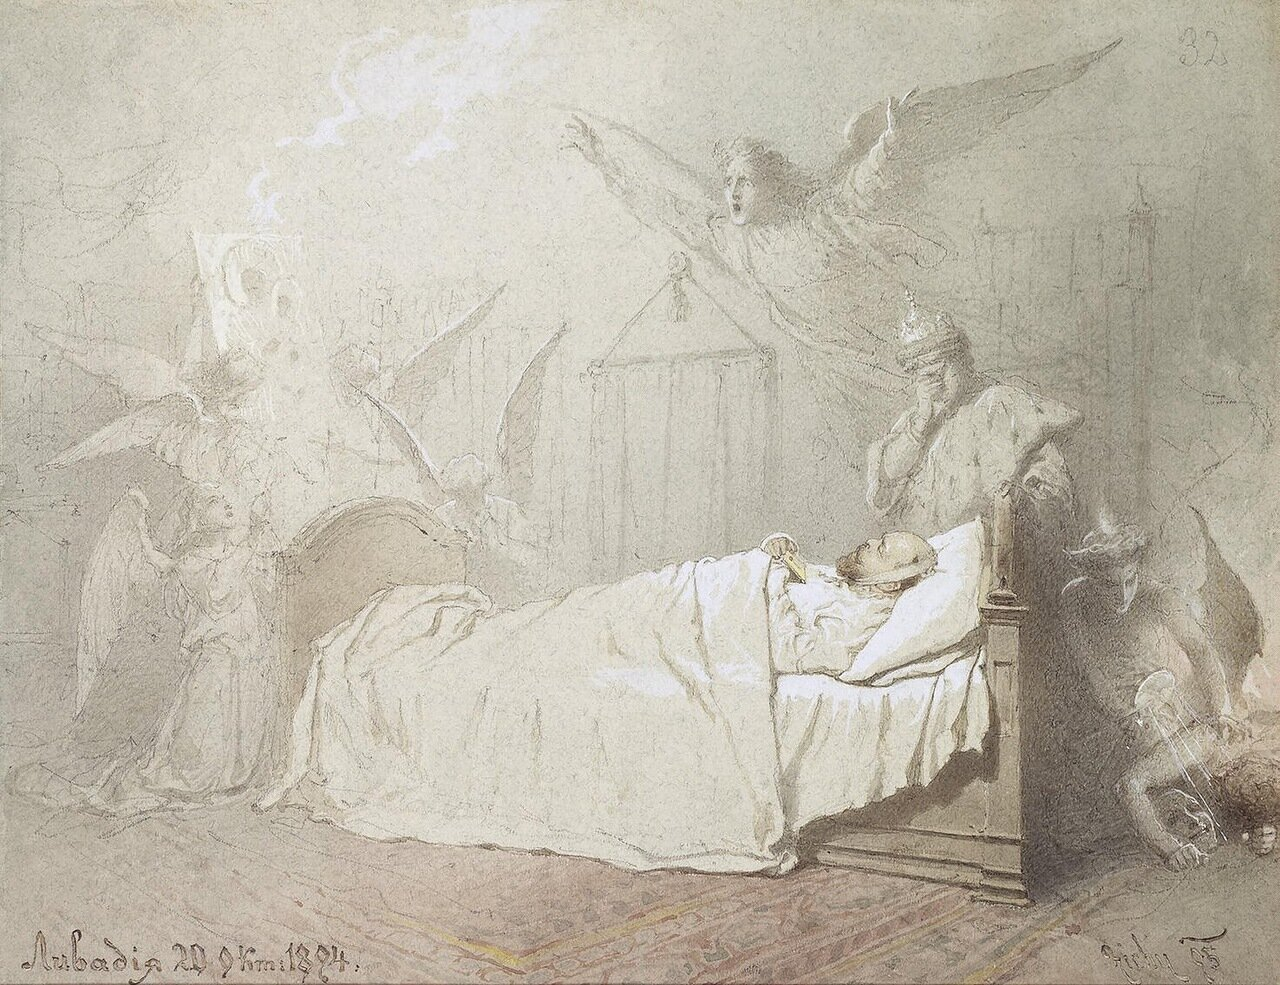 Александр III на смертном одре окруженный ангелами со скорбящим юношей символизирующим династию Романовых.